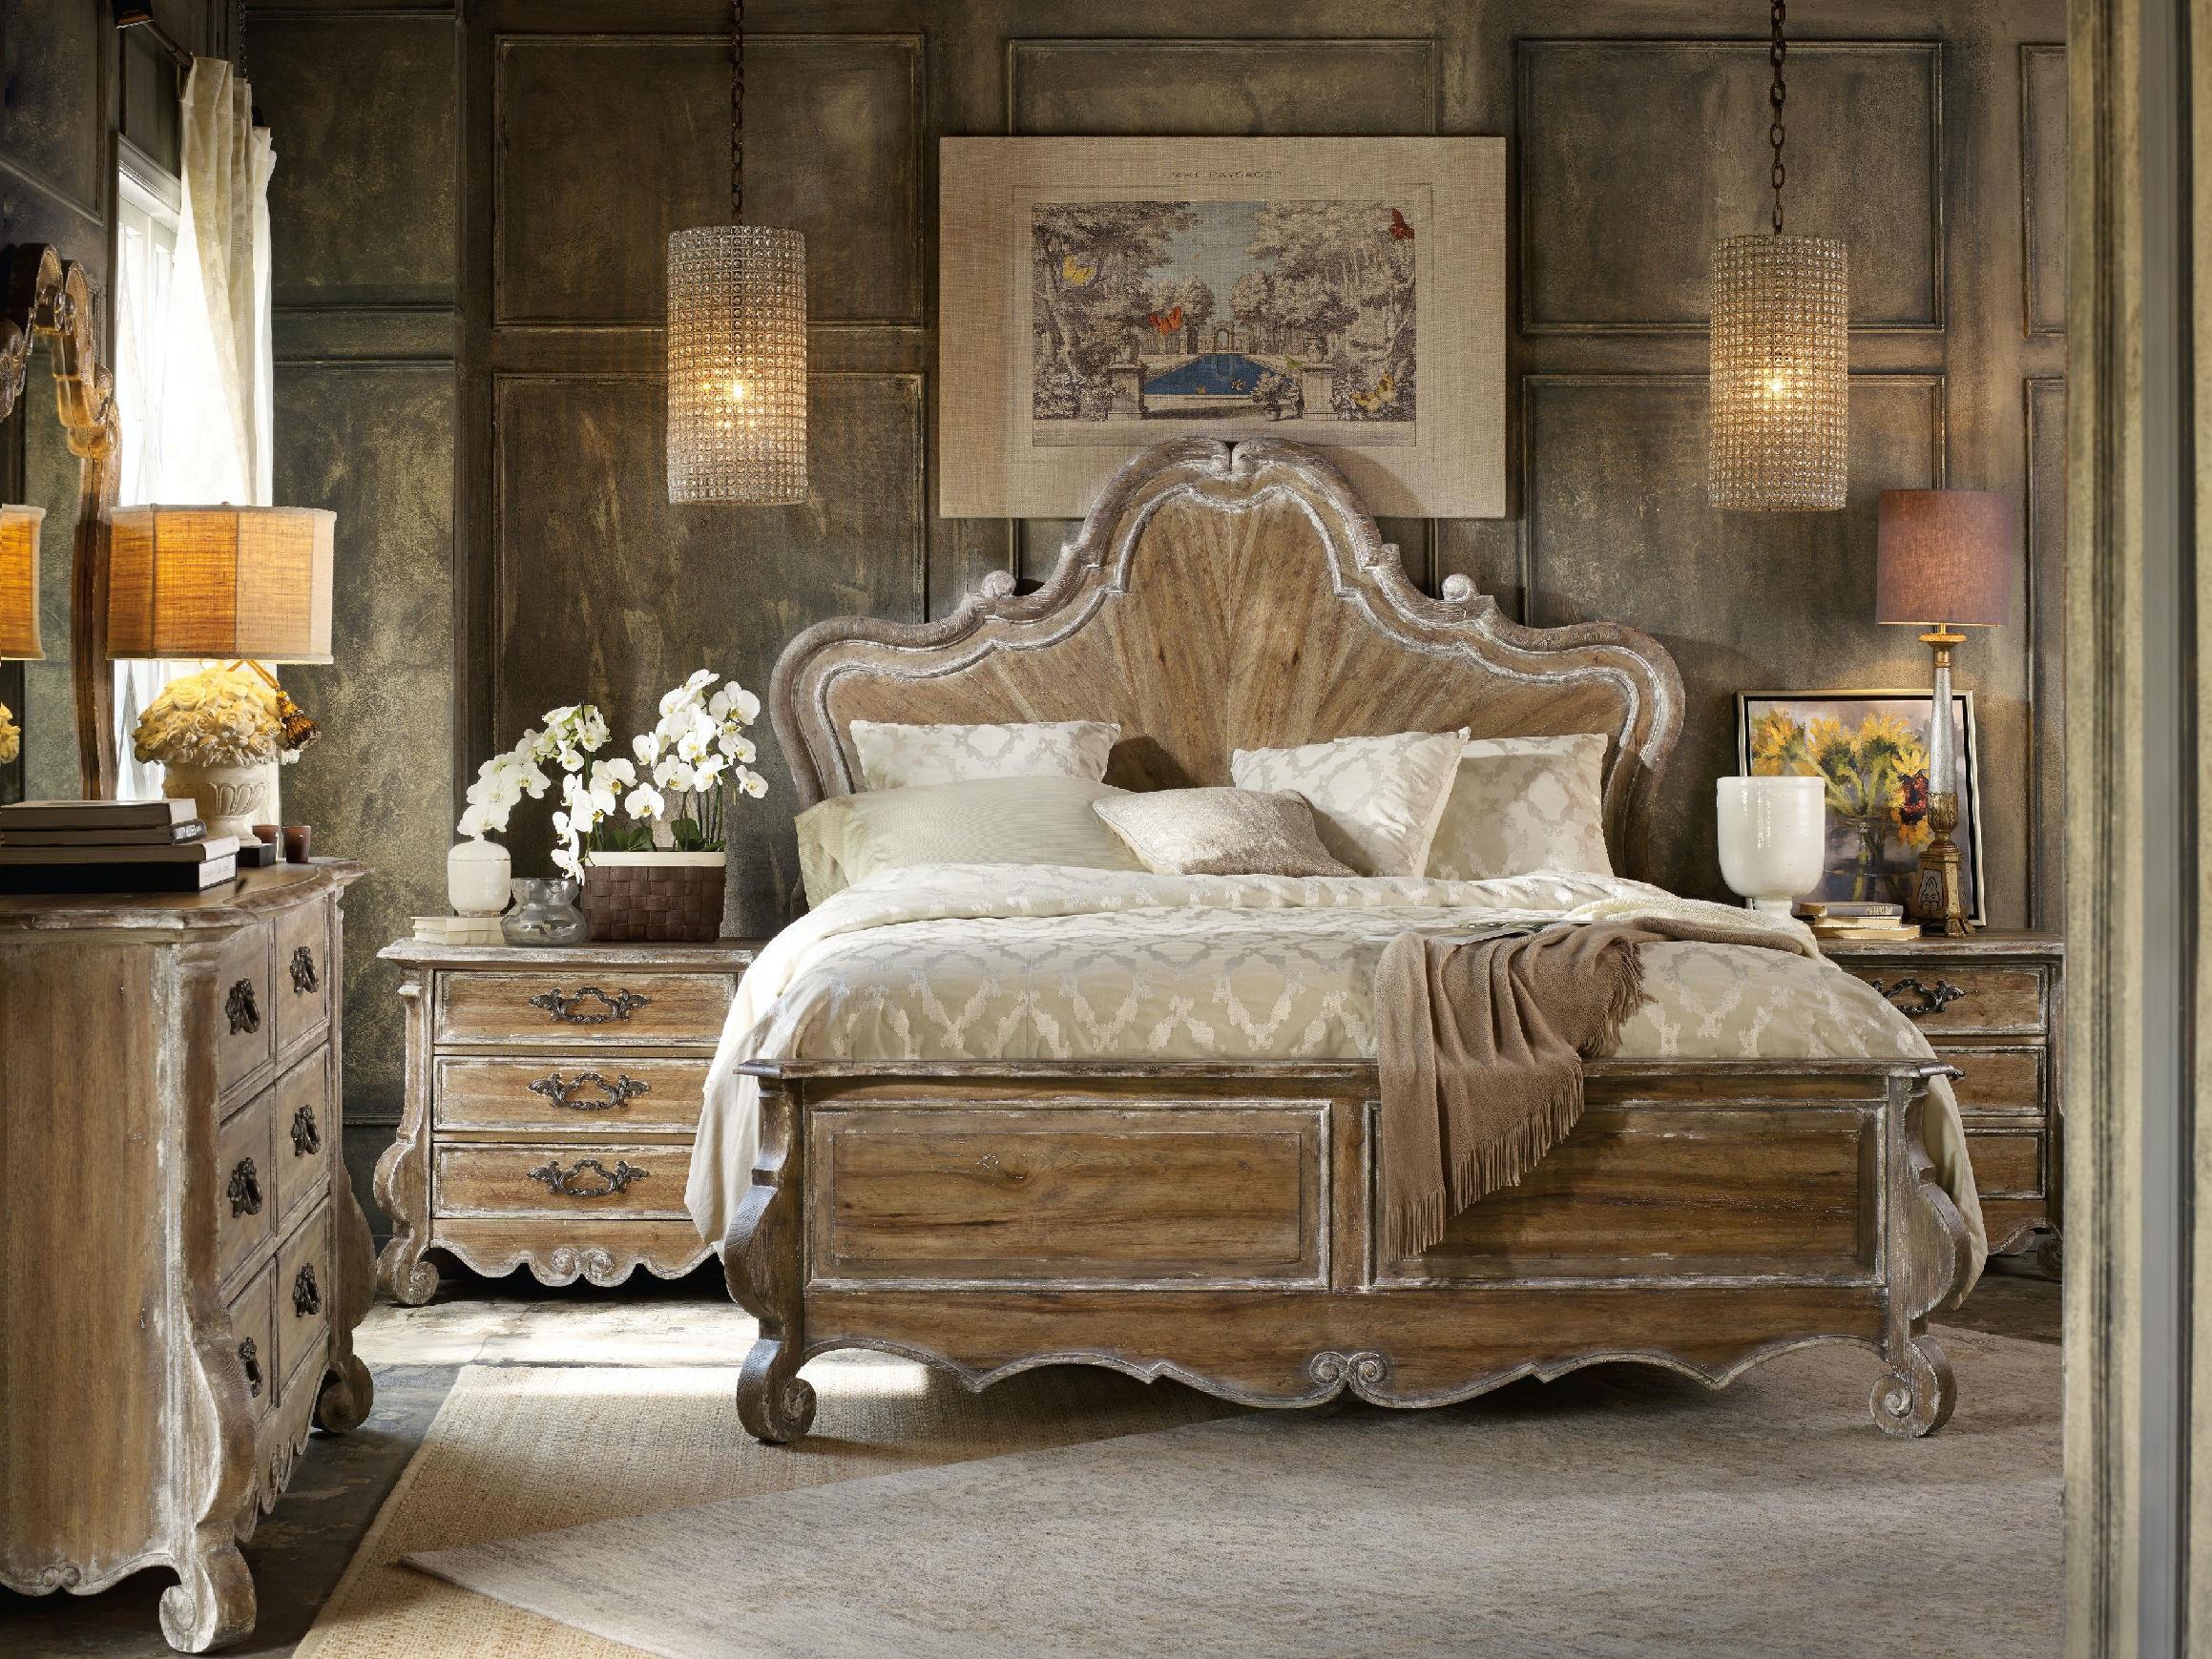 Hooker Furniture Chatelet King Wood Panel Bed 5300 90266